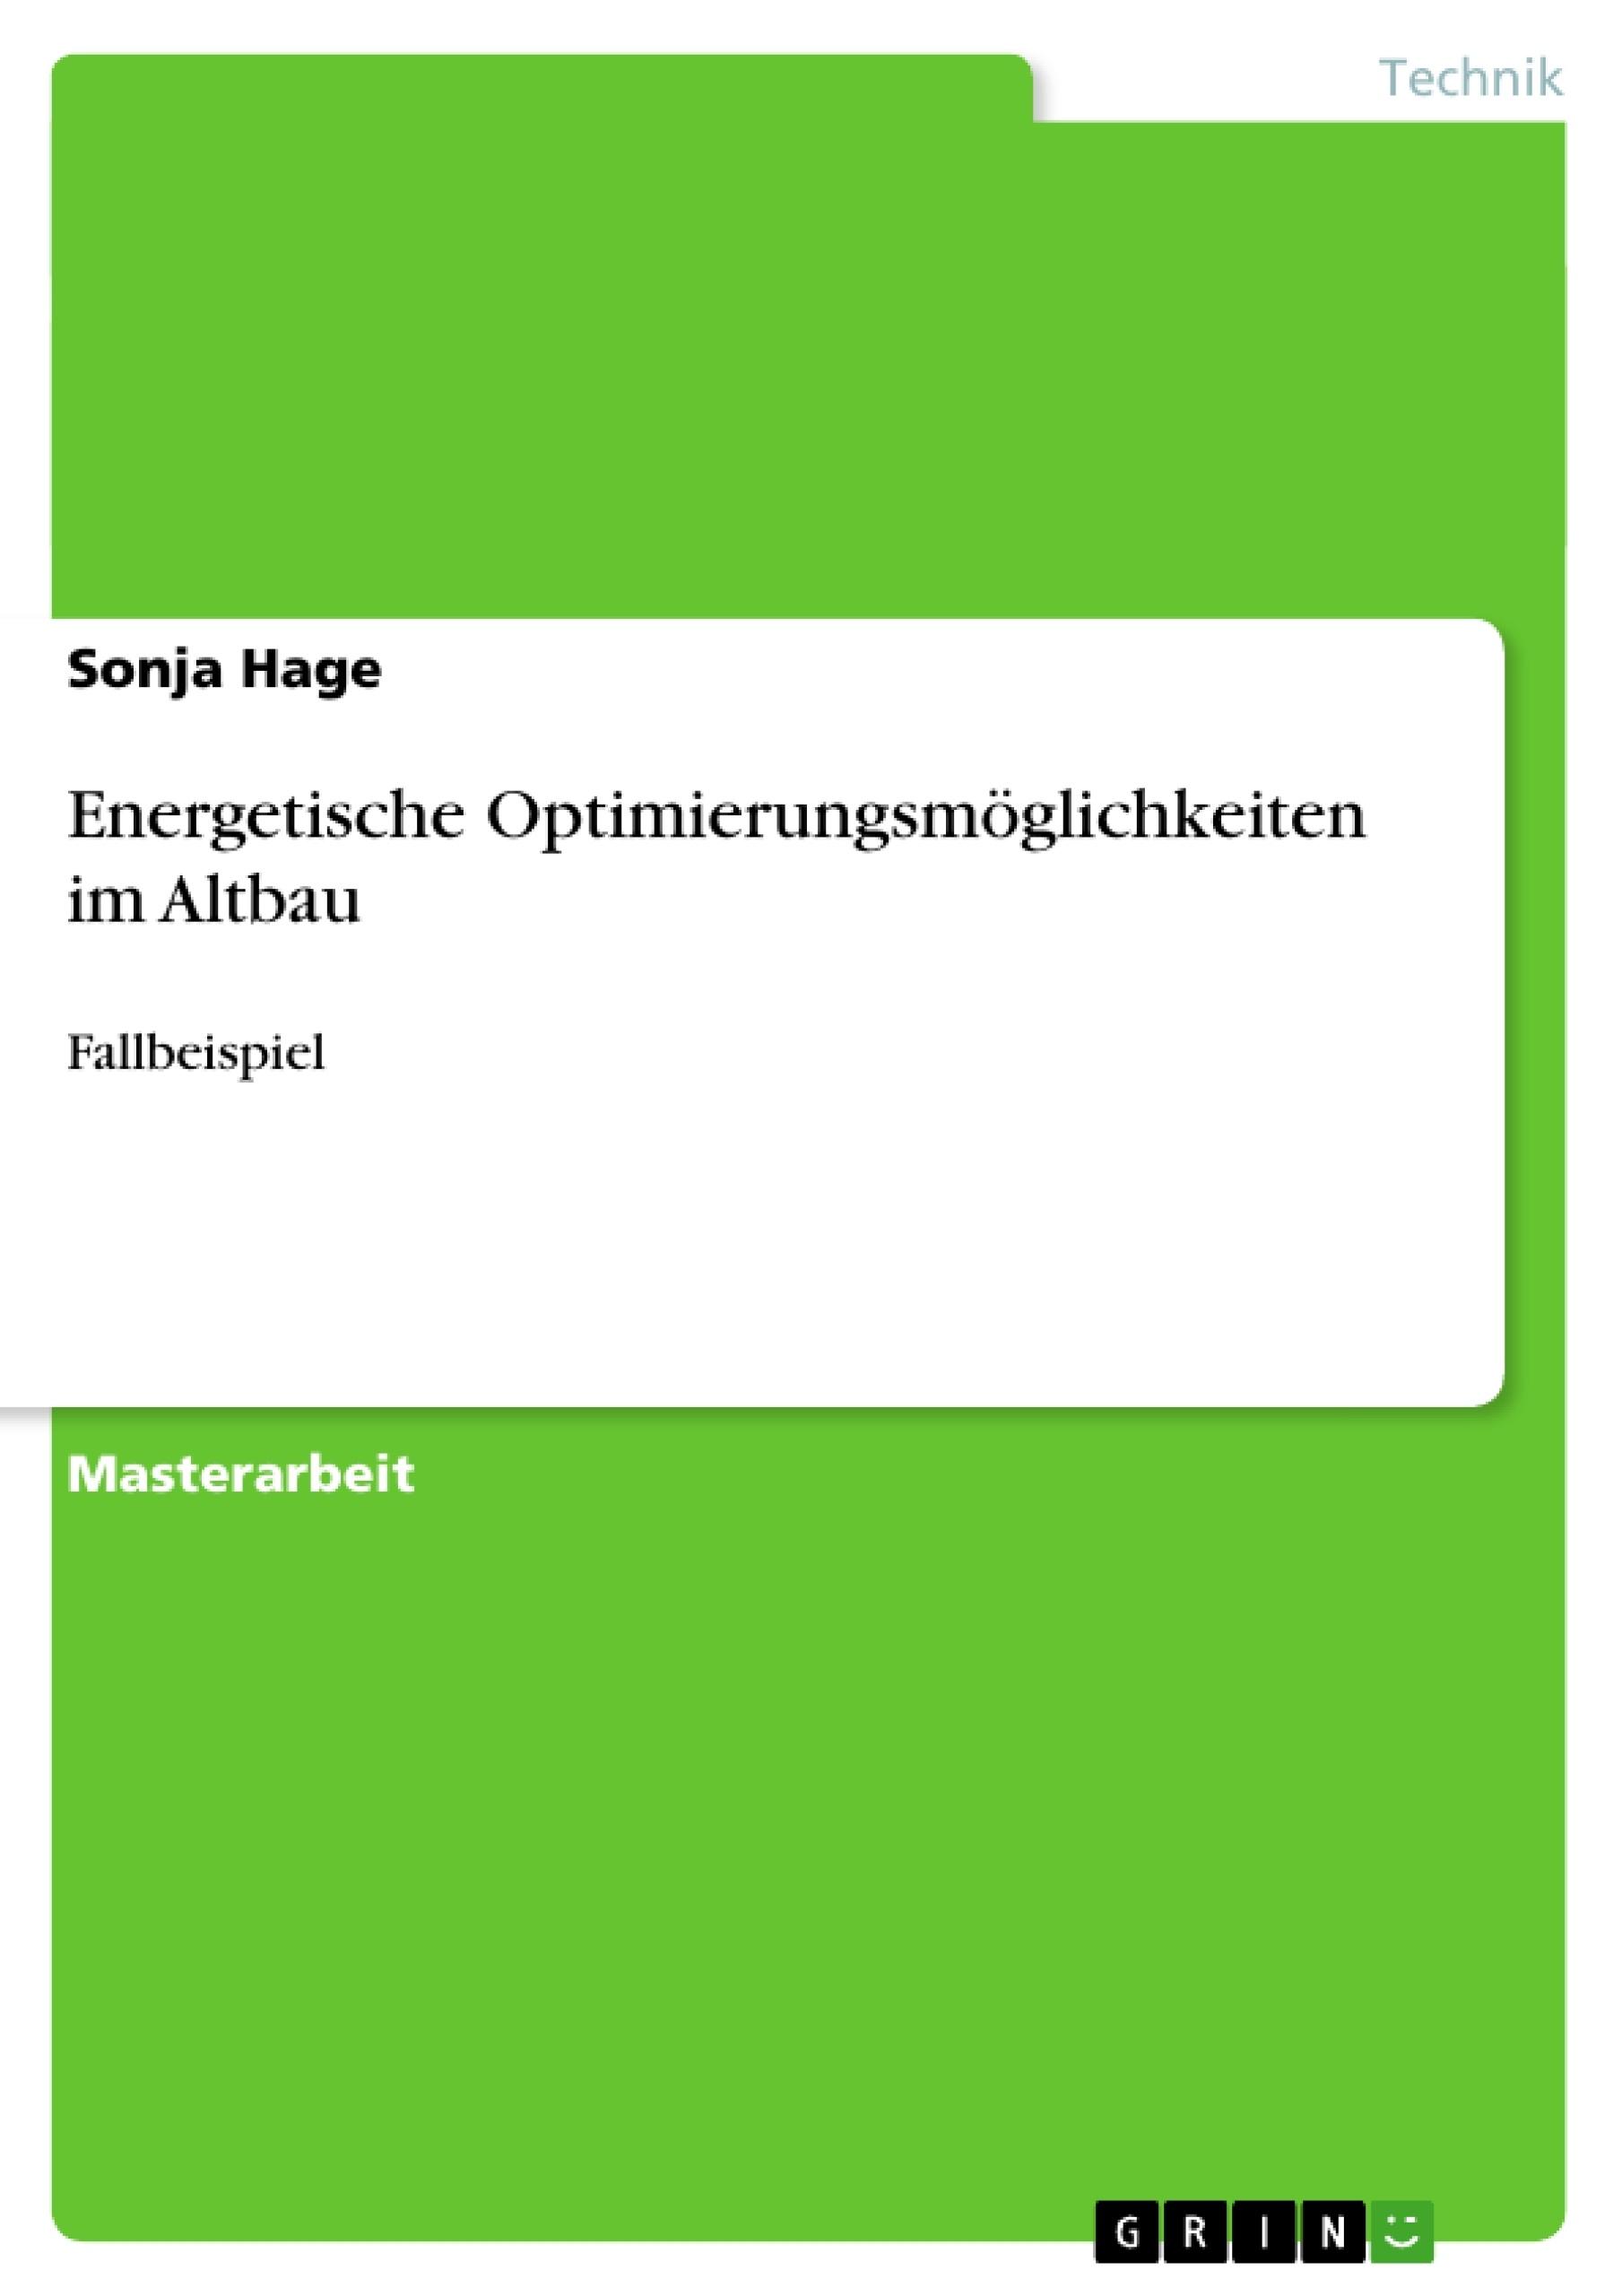 Energetische Optimierungsmöglichkeiten im Altbau | Masterarbeit ...